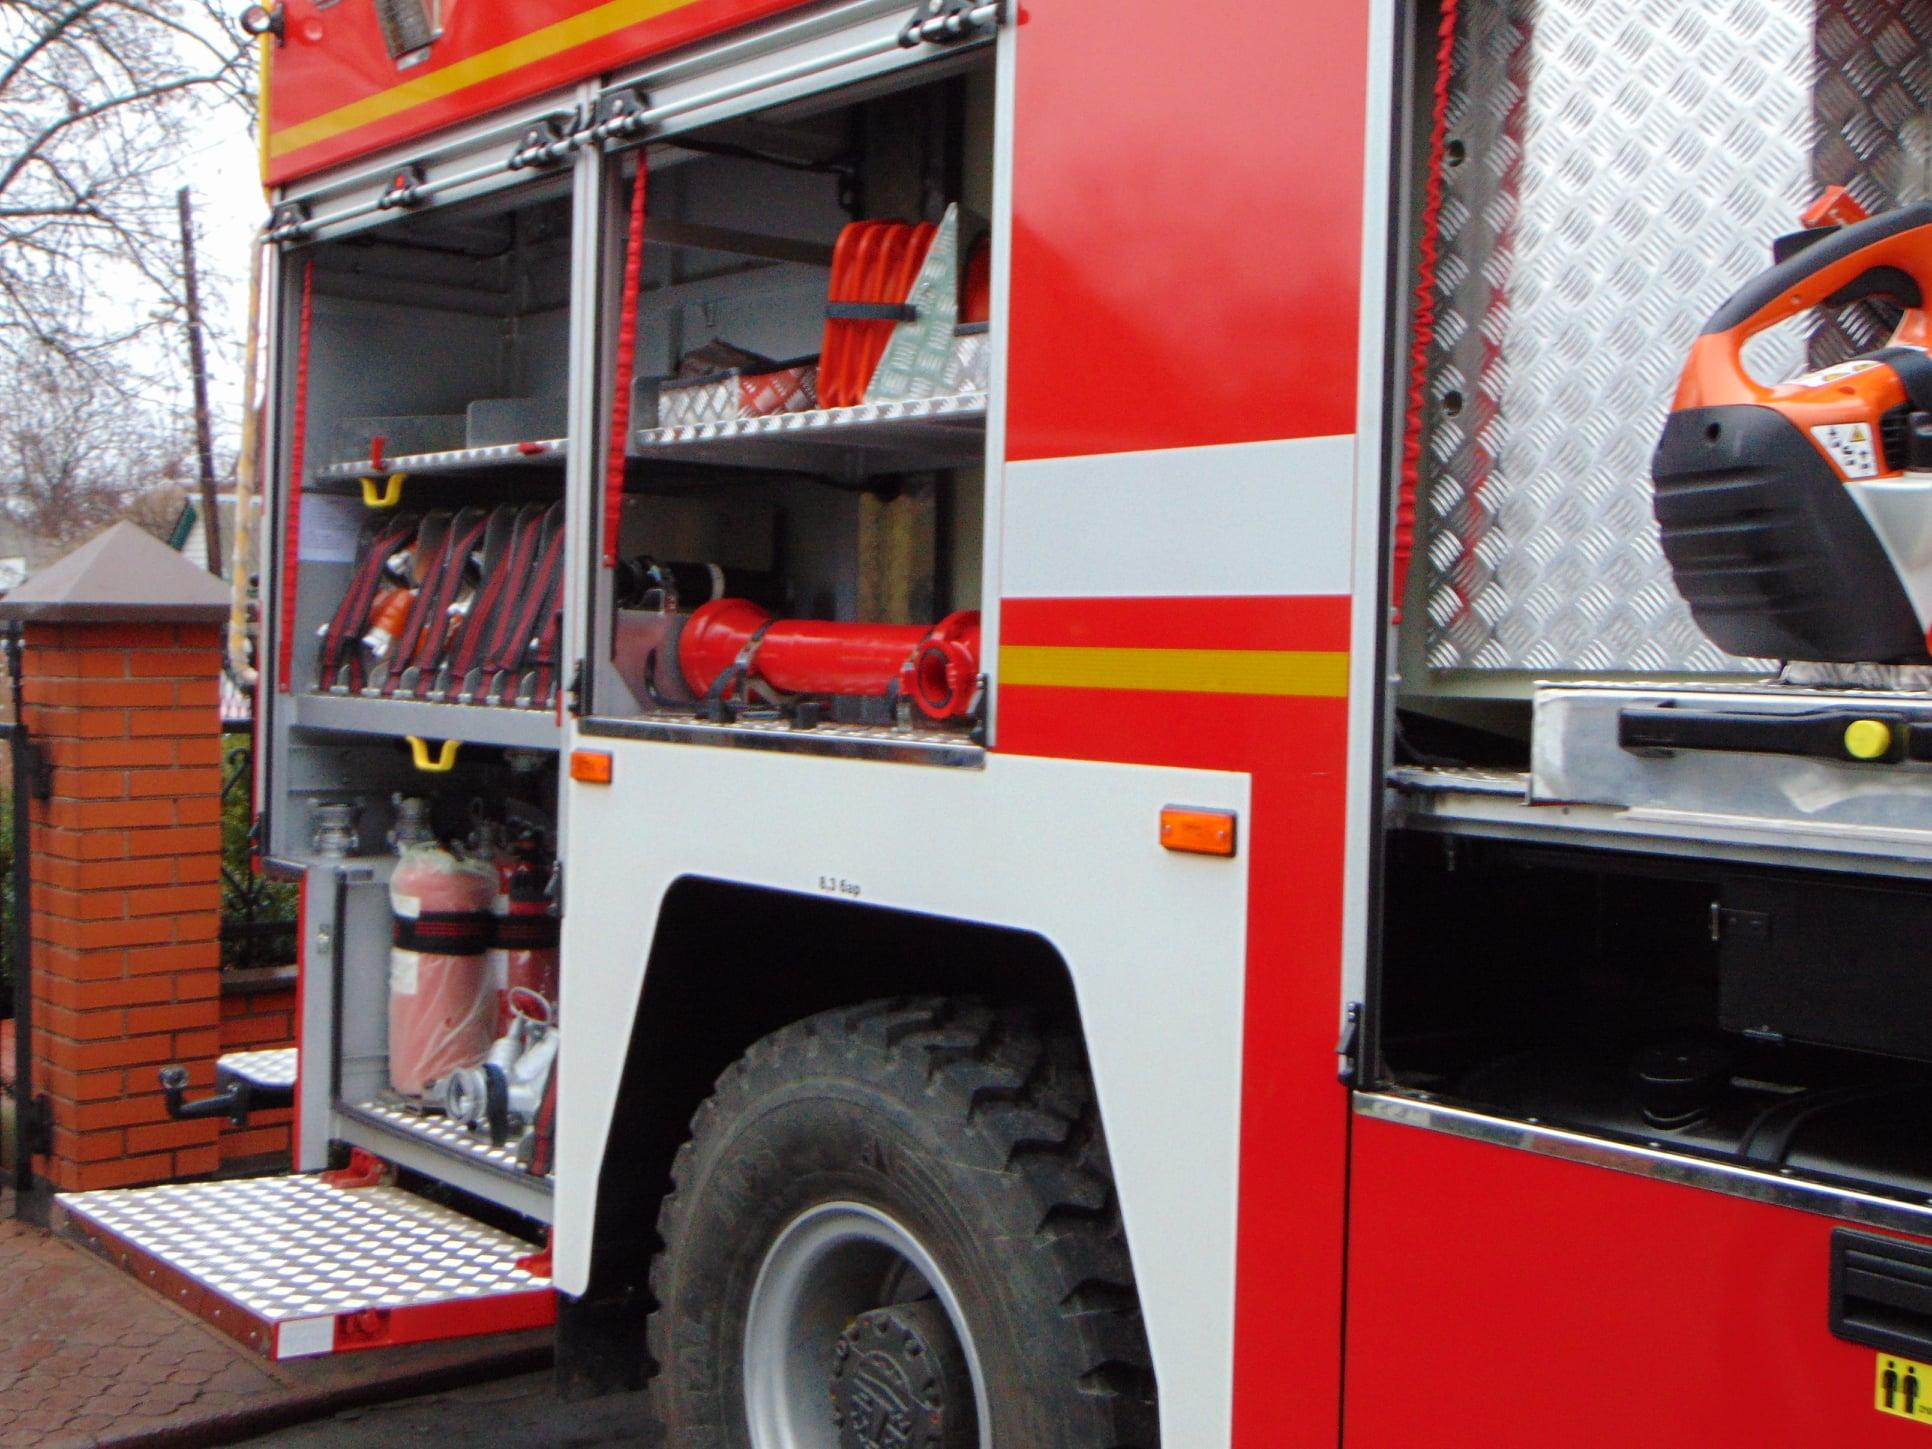 Обновка ДСНСників: фастівські рятувальники отримали нове пожежно-рятувальне авто - Фастів - 81183439 2535669199884503 8018694441164341248 o